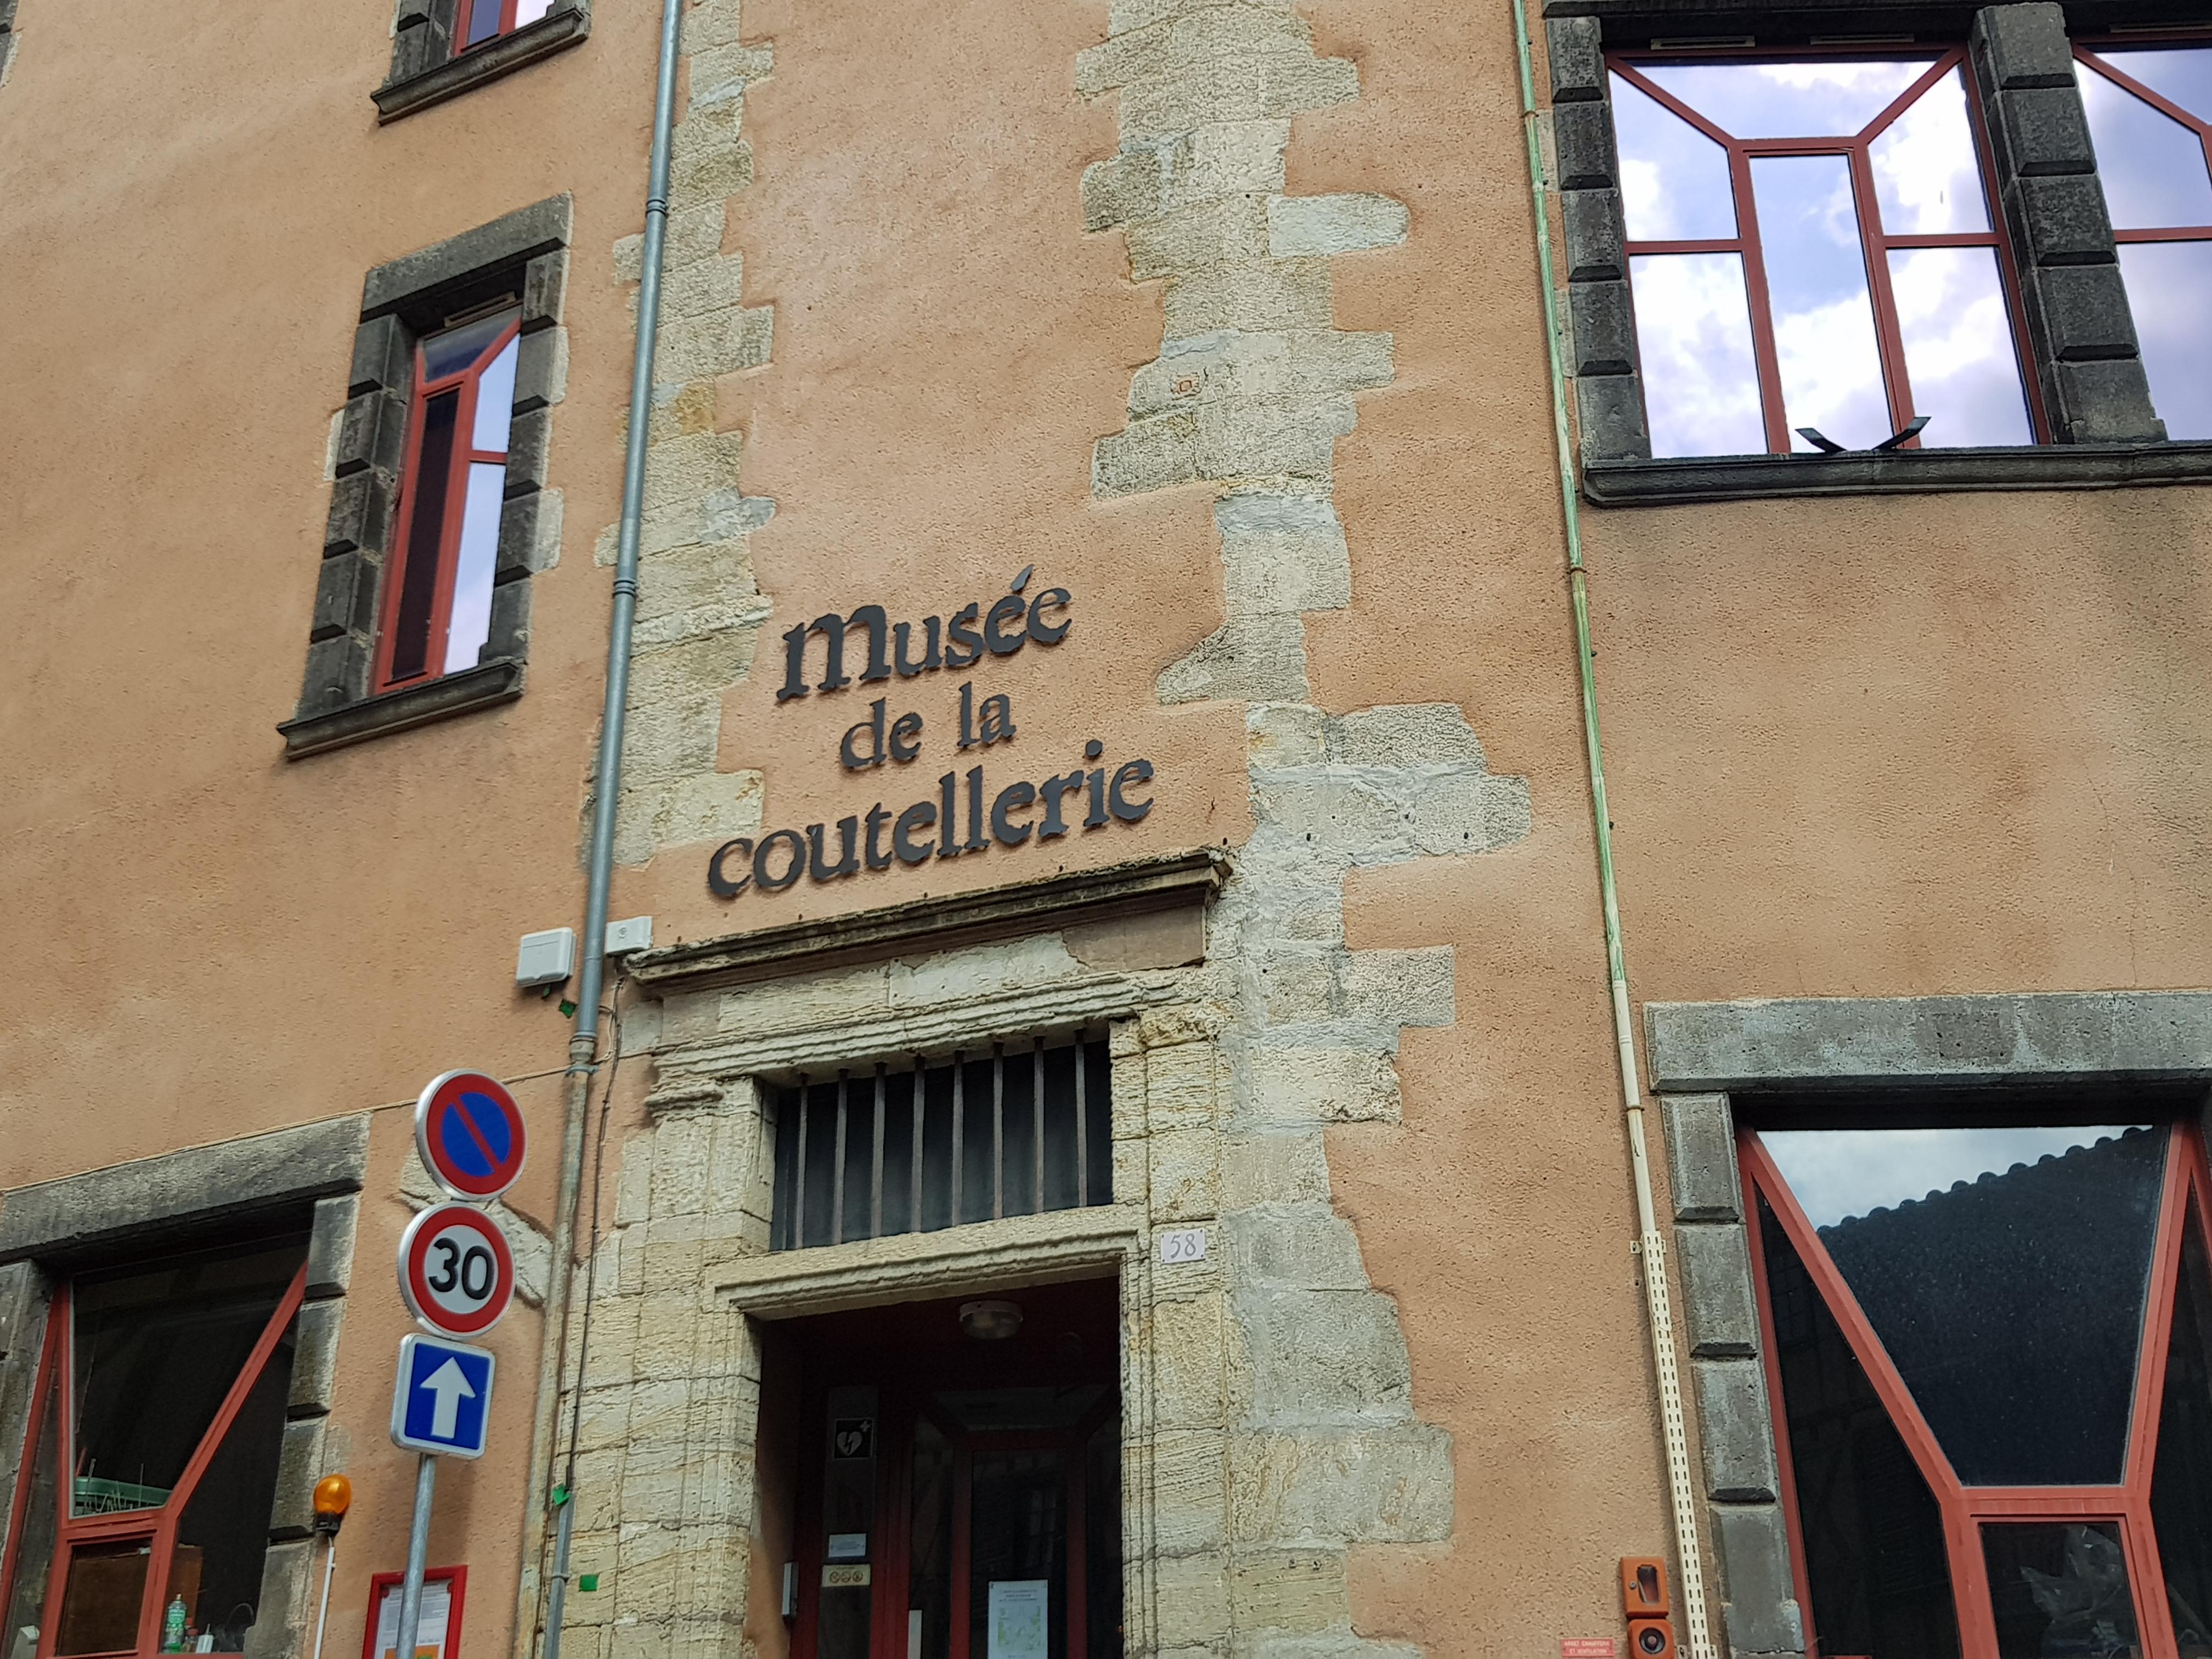 2587-musee_de_la_coutellerie_63.jpg